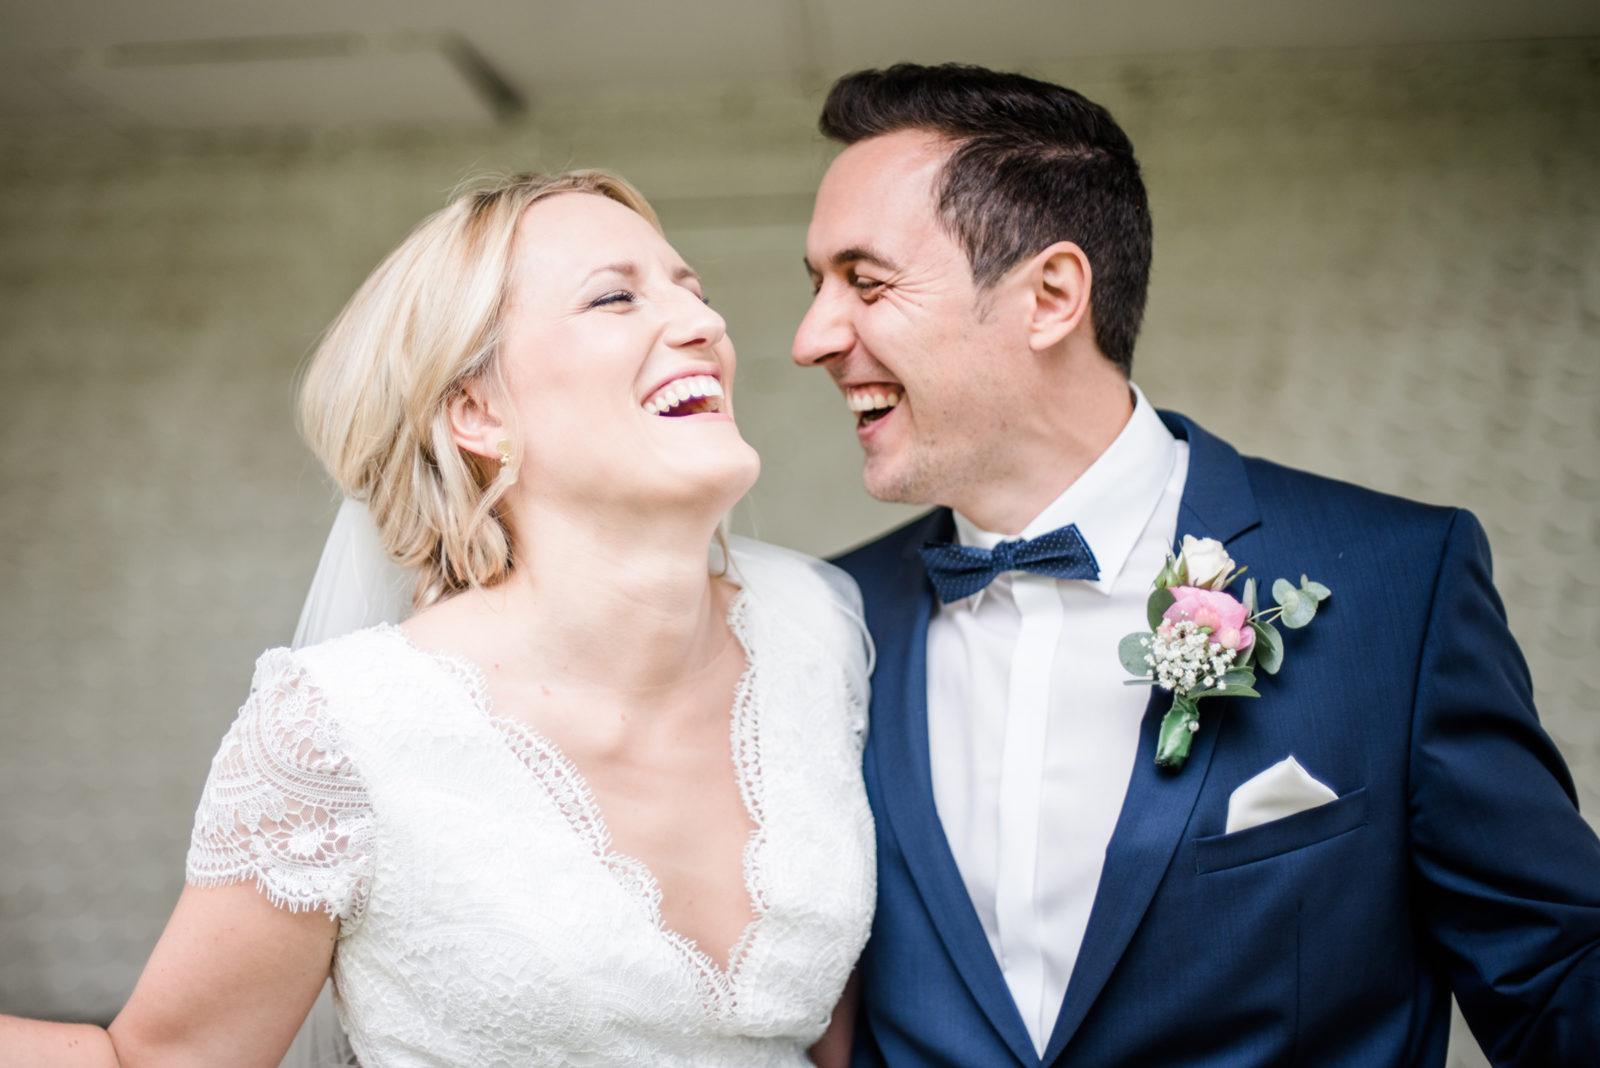 Kerstin Maier Photography: Weddings / Hochzeiten: Mai Hochzeit